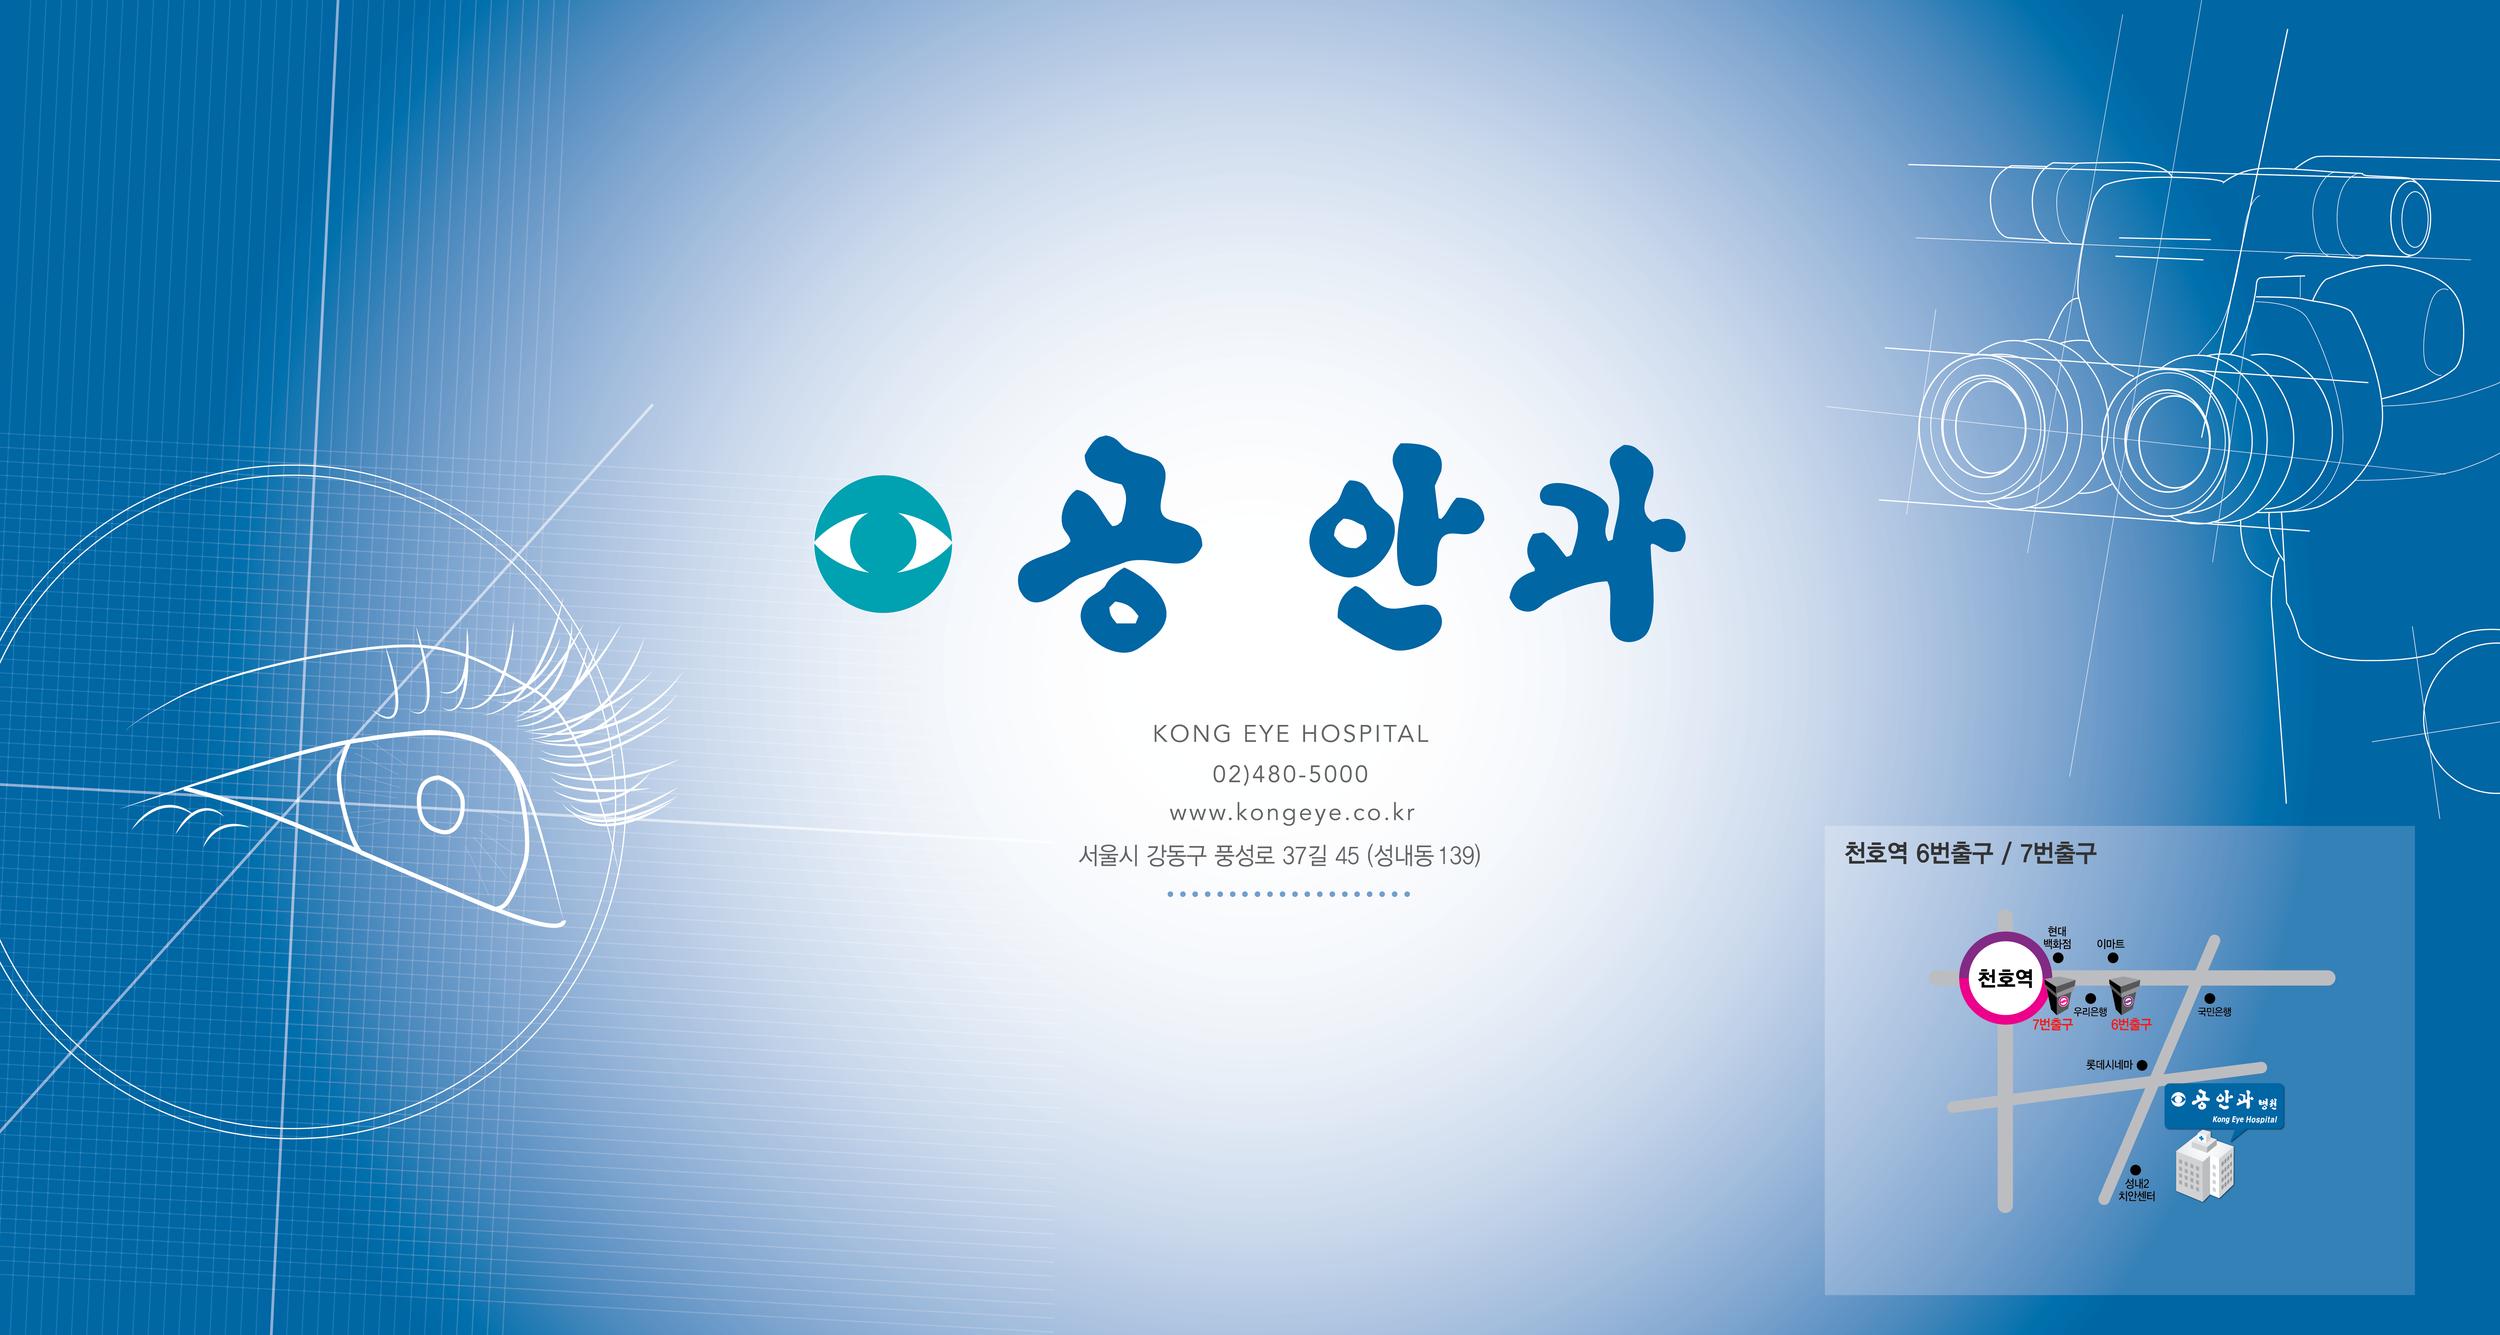 공안과병원1_outlines-01.png